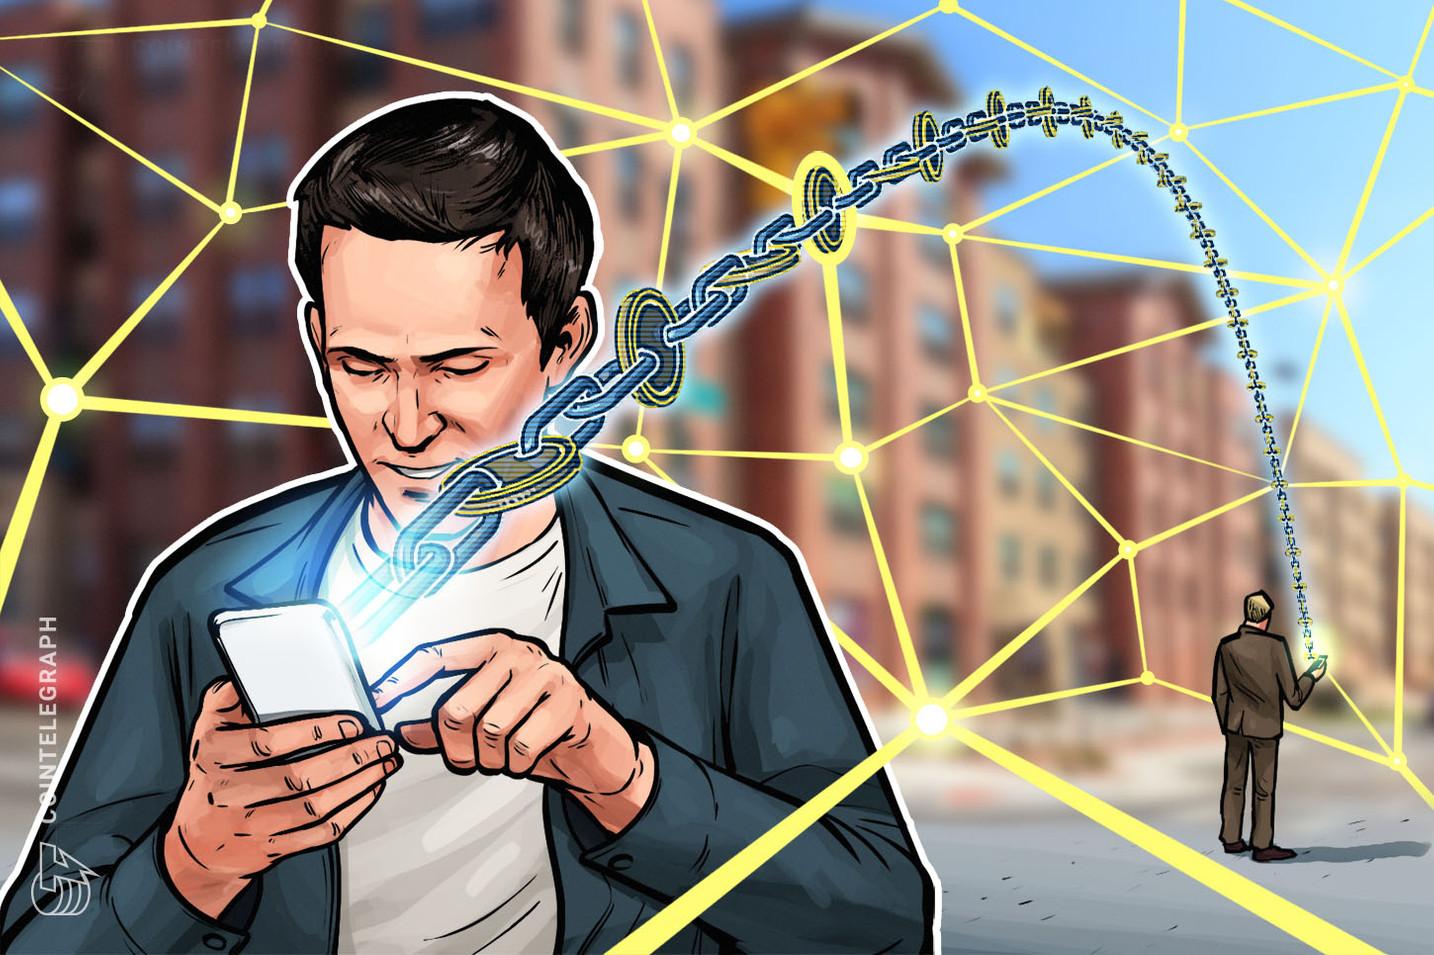 El gigante de la electrónica HTC anuncia la preventa de su smartphone blockchain, Exodus, en BTC o ETH